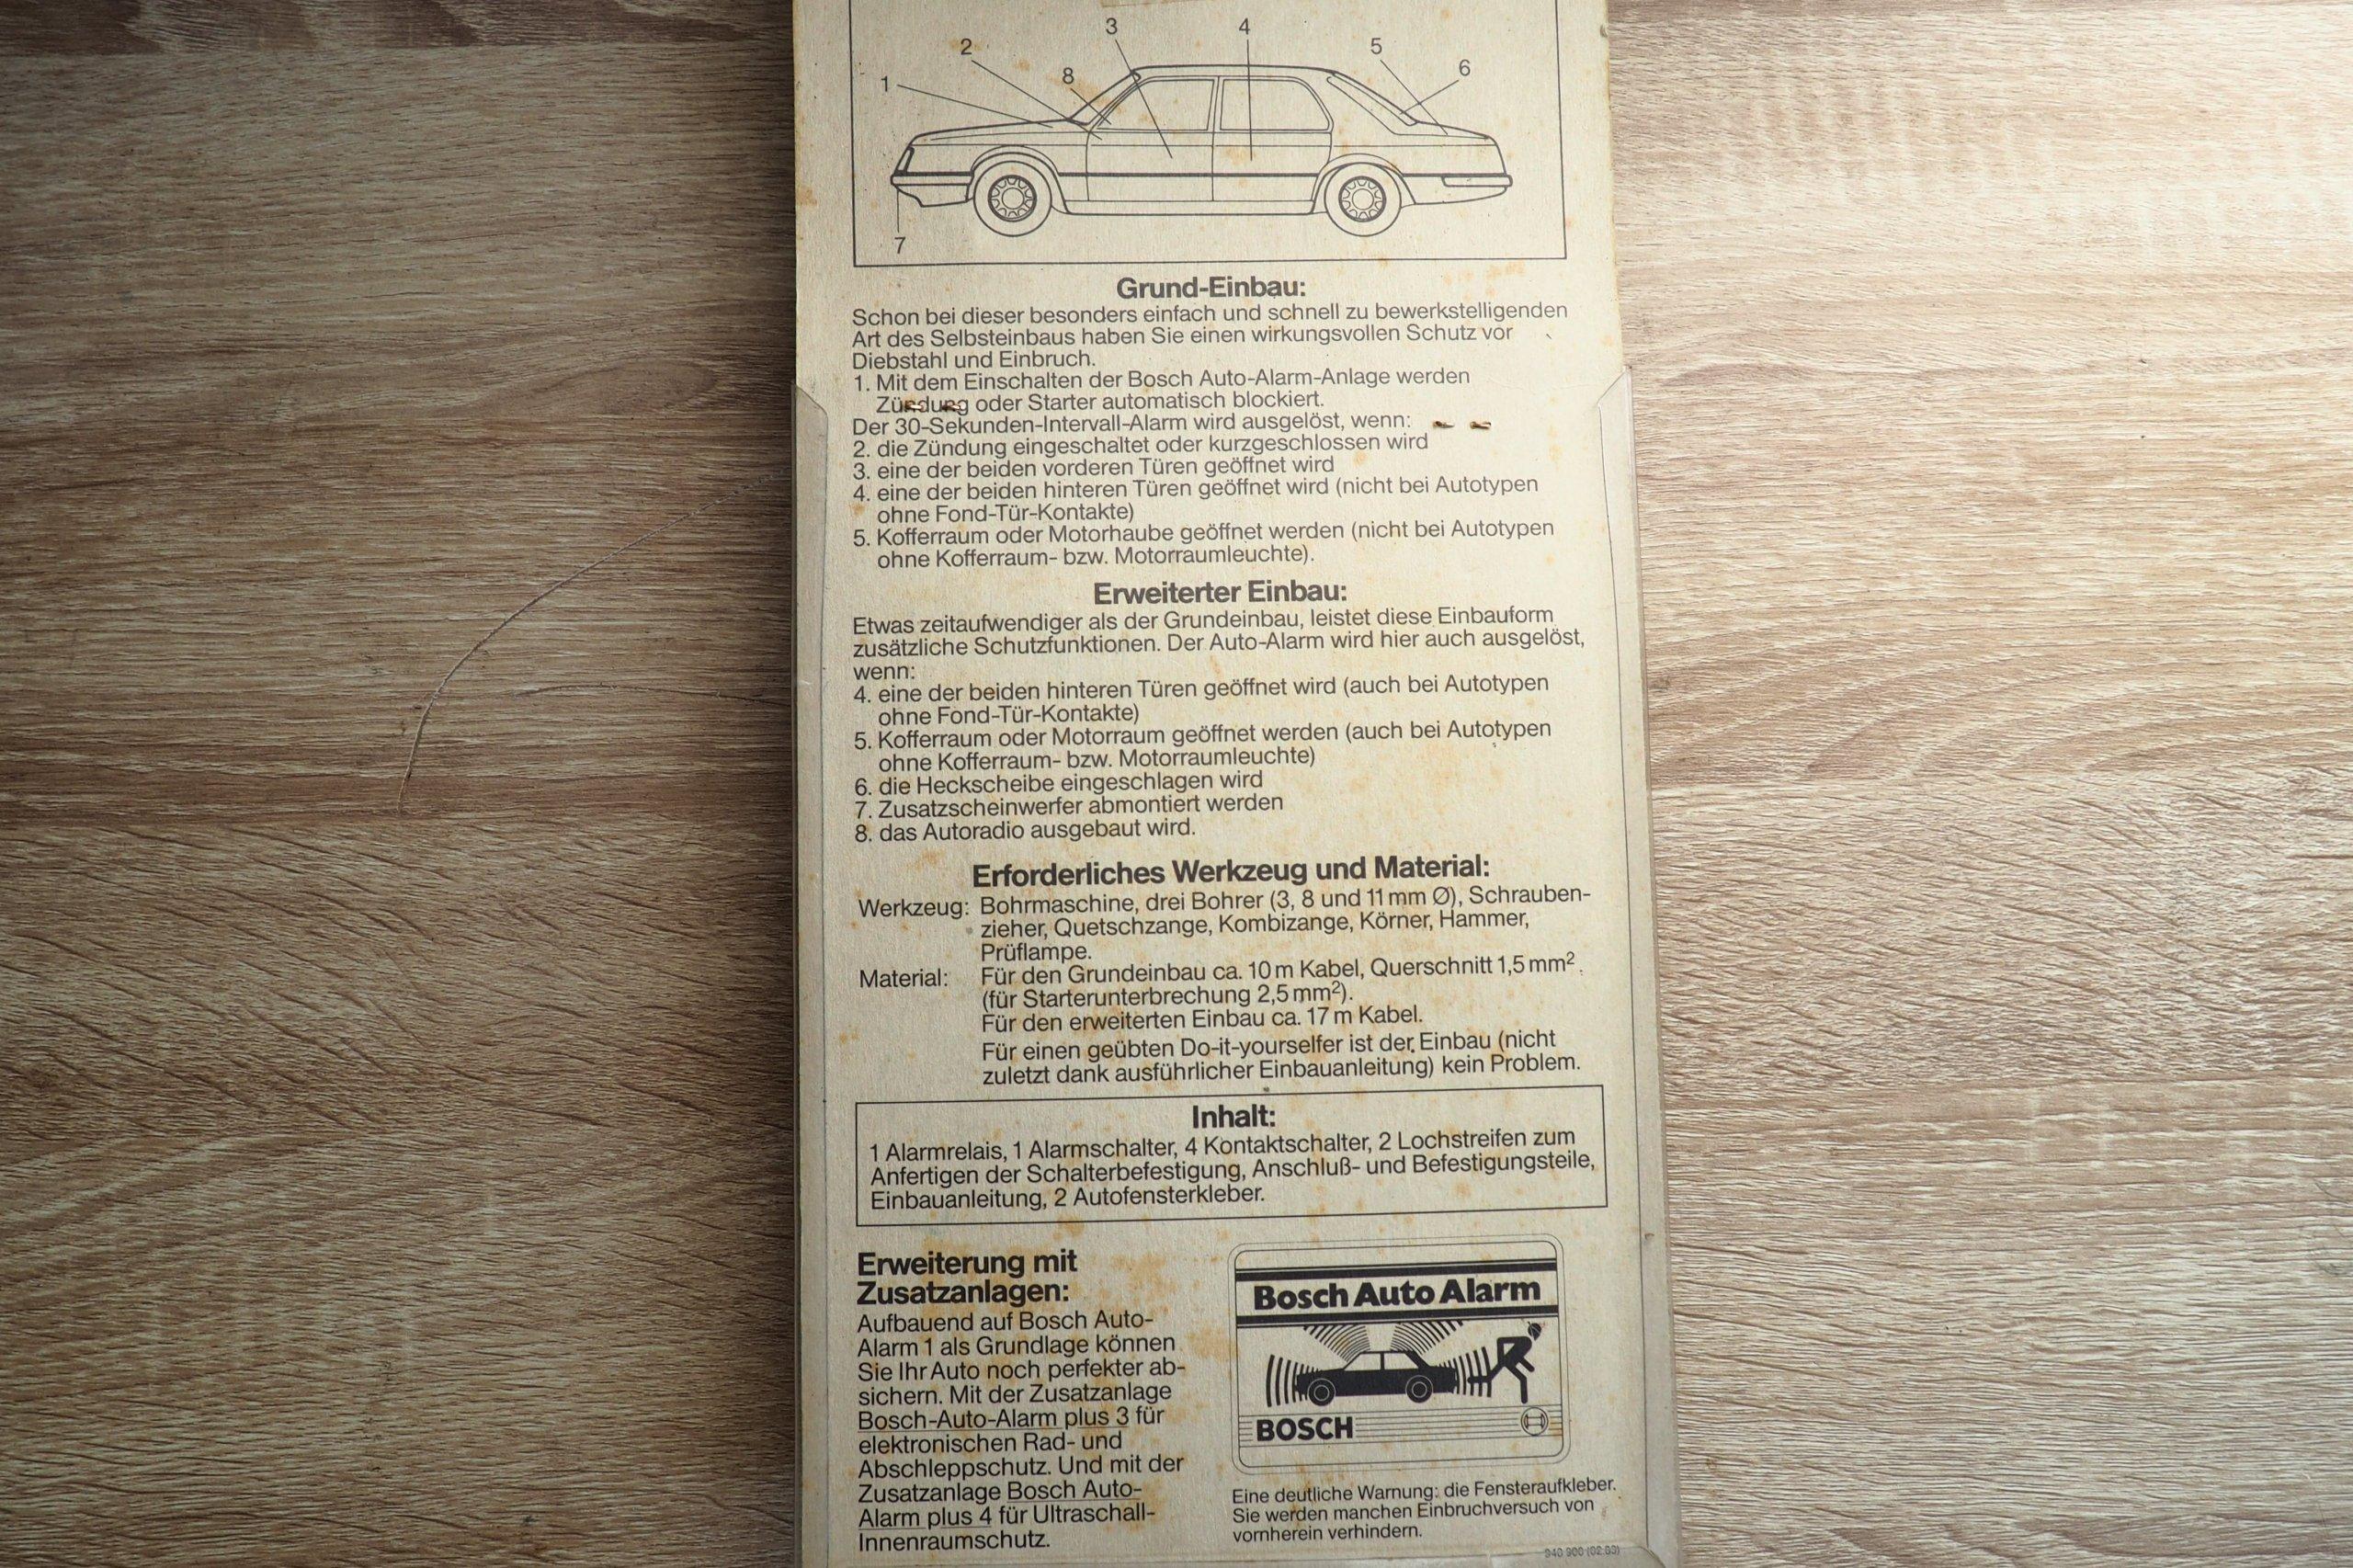 Auto Kühlschrank Willhaben : Kleiner geschirrspüler willhaben ikea küche willhaben ikea